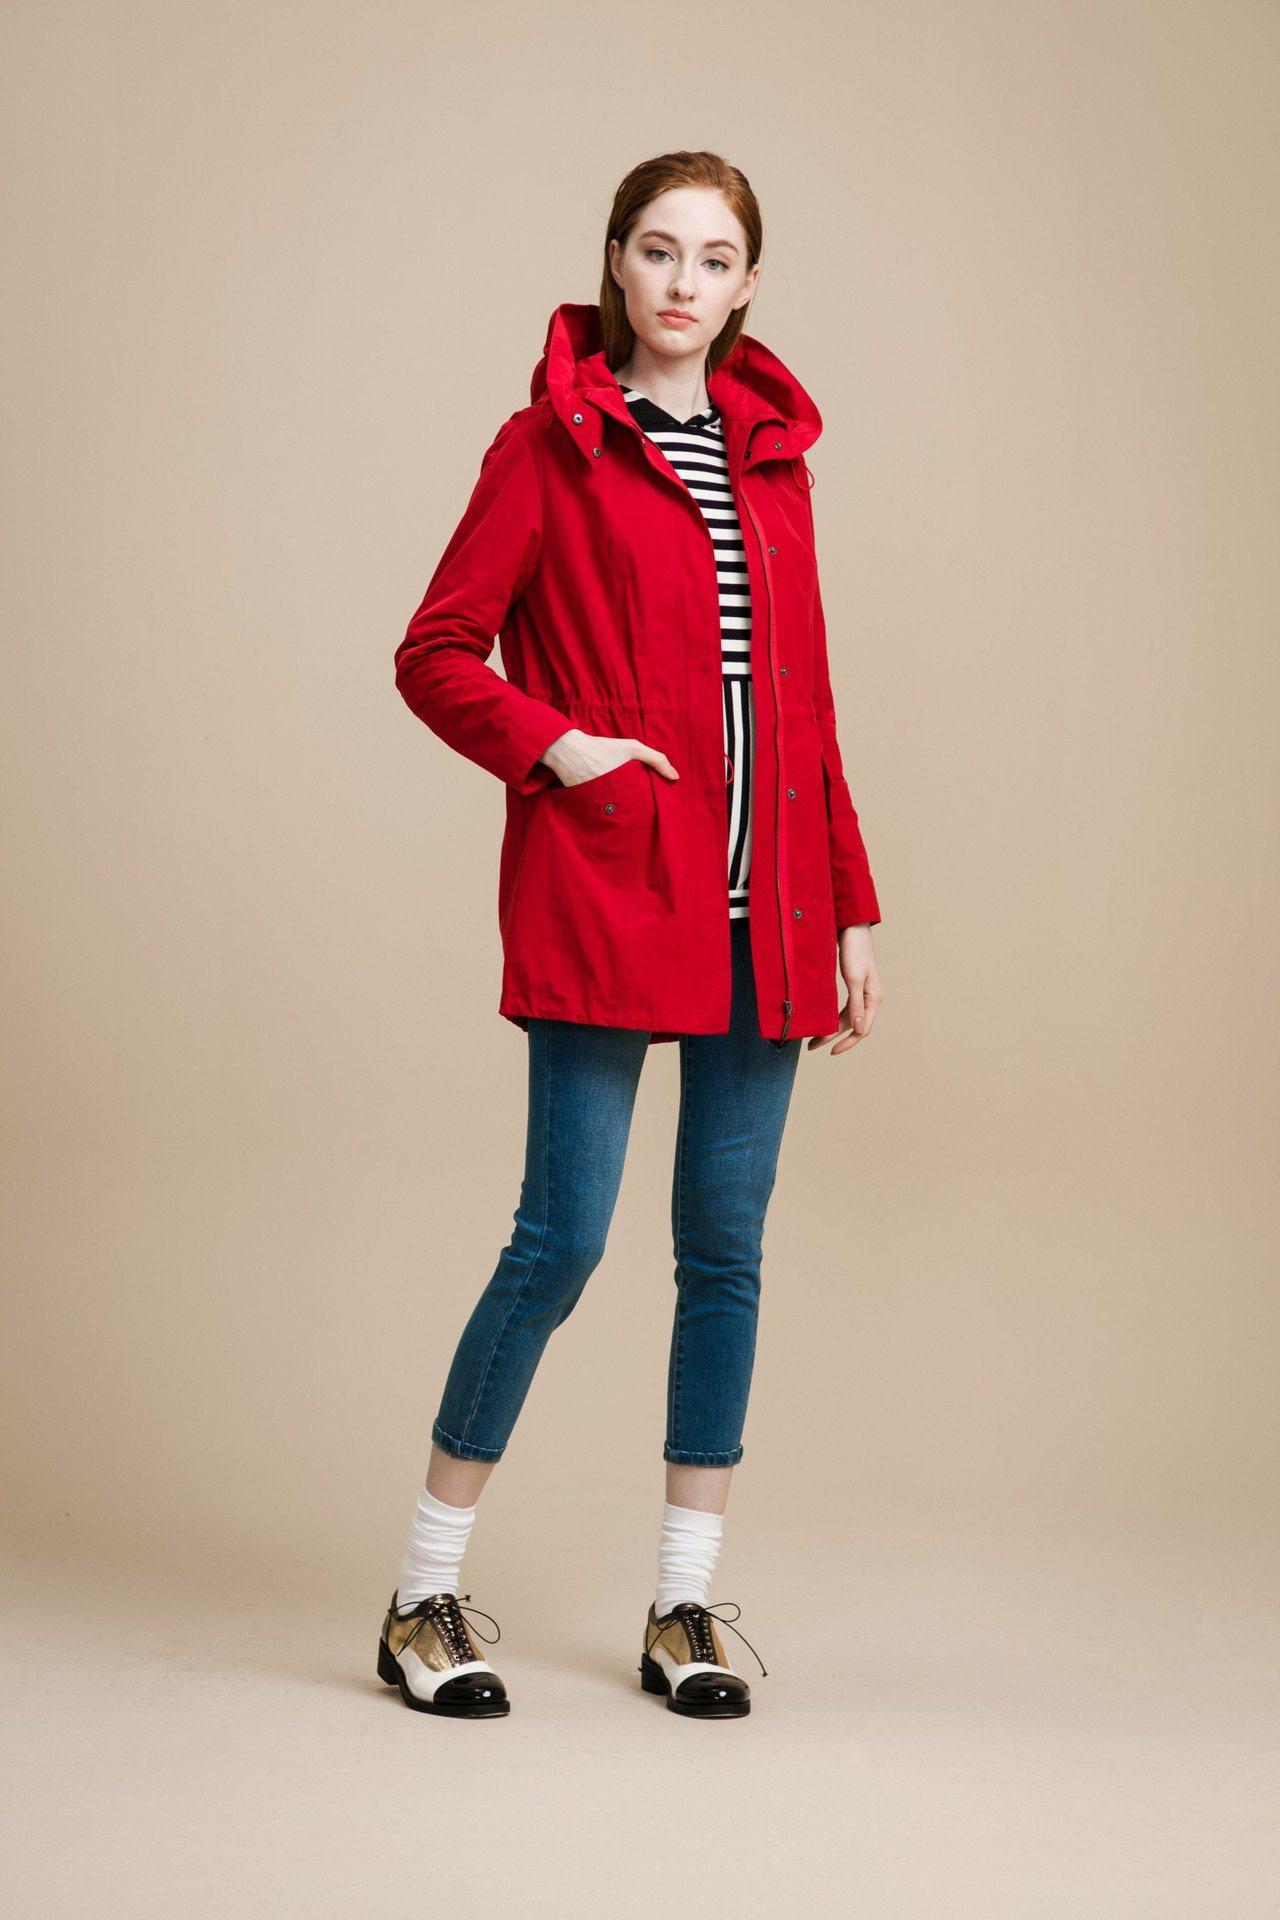 輕薄時尚風衣,售價6,980元。圖/KeyWear提供